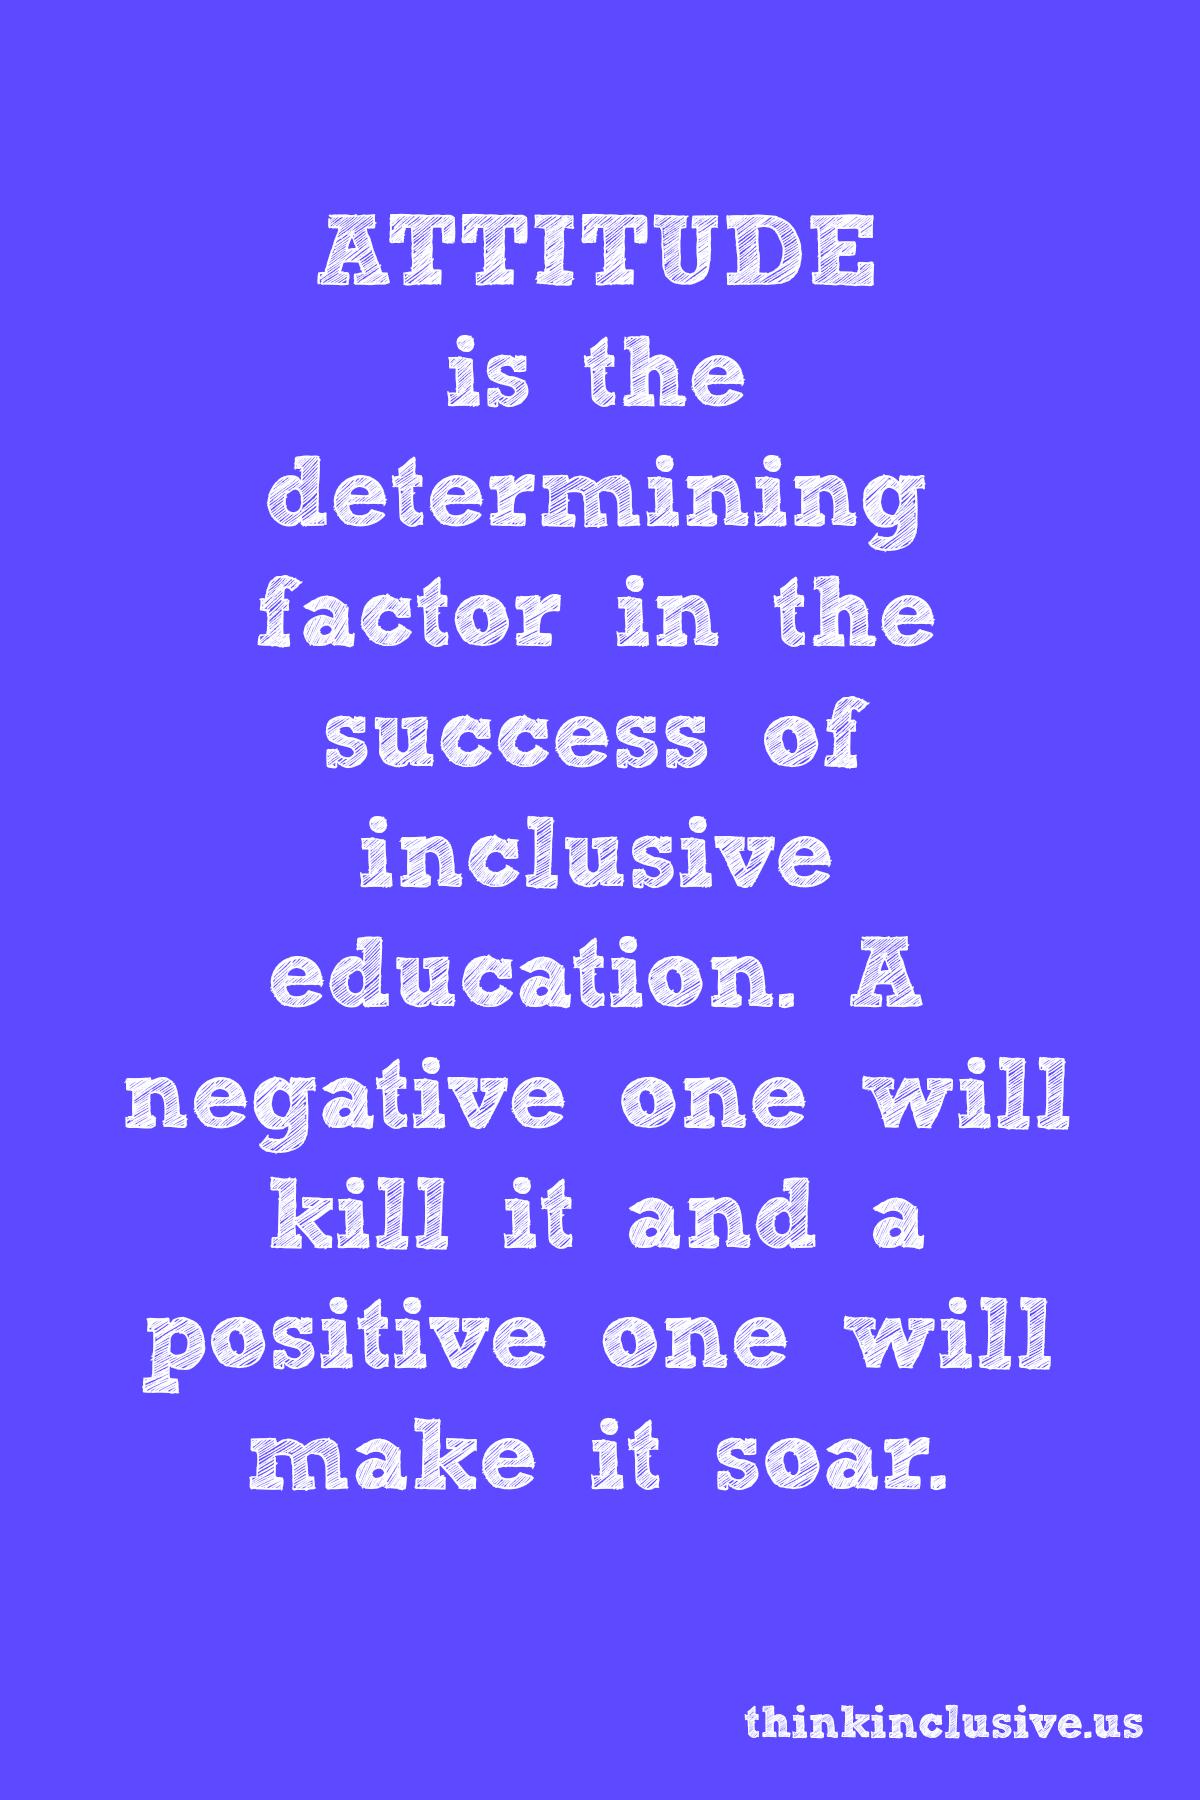 Attitude Can Make Or Break Inclusive Education